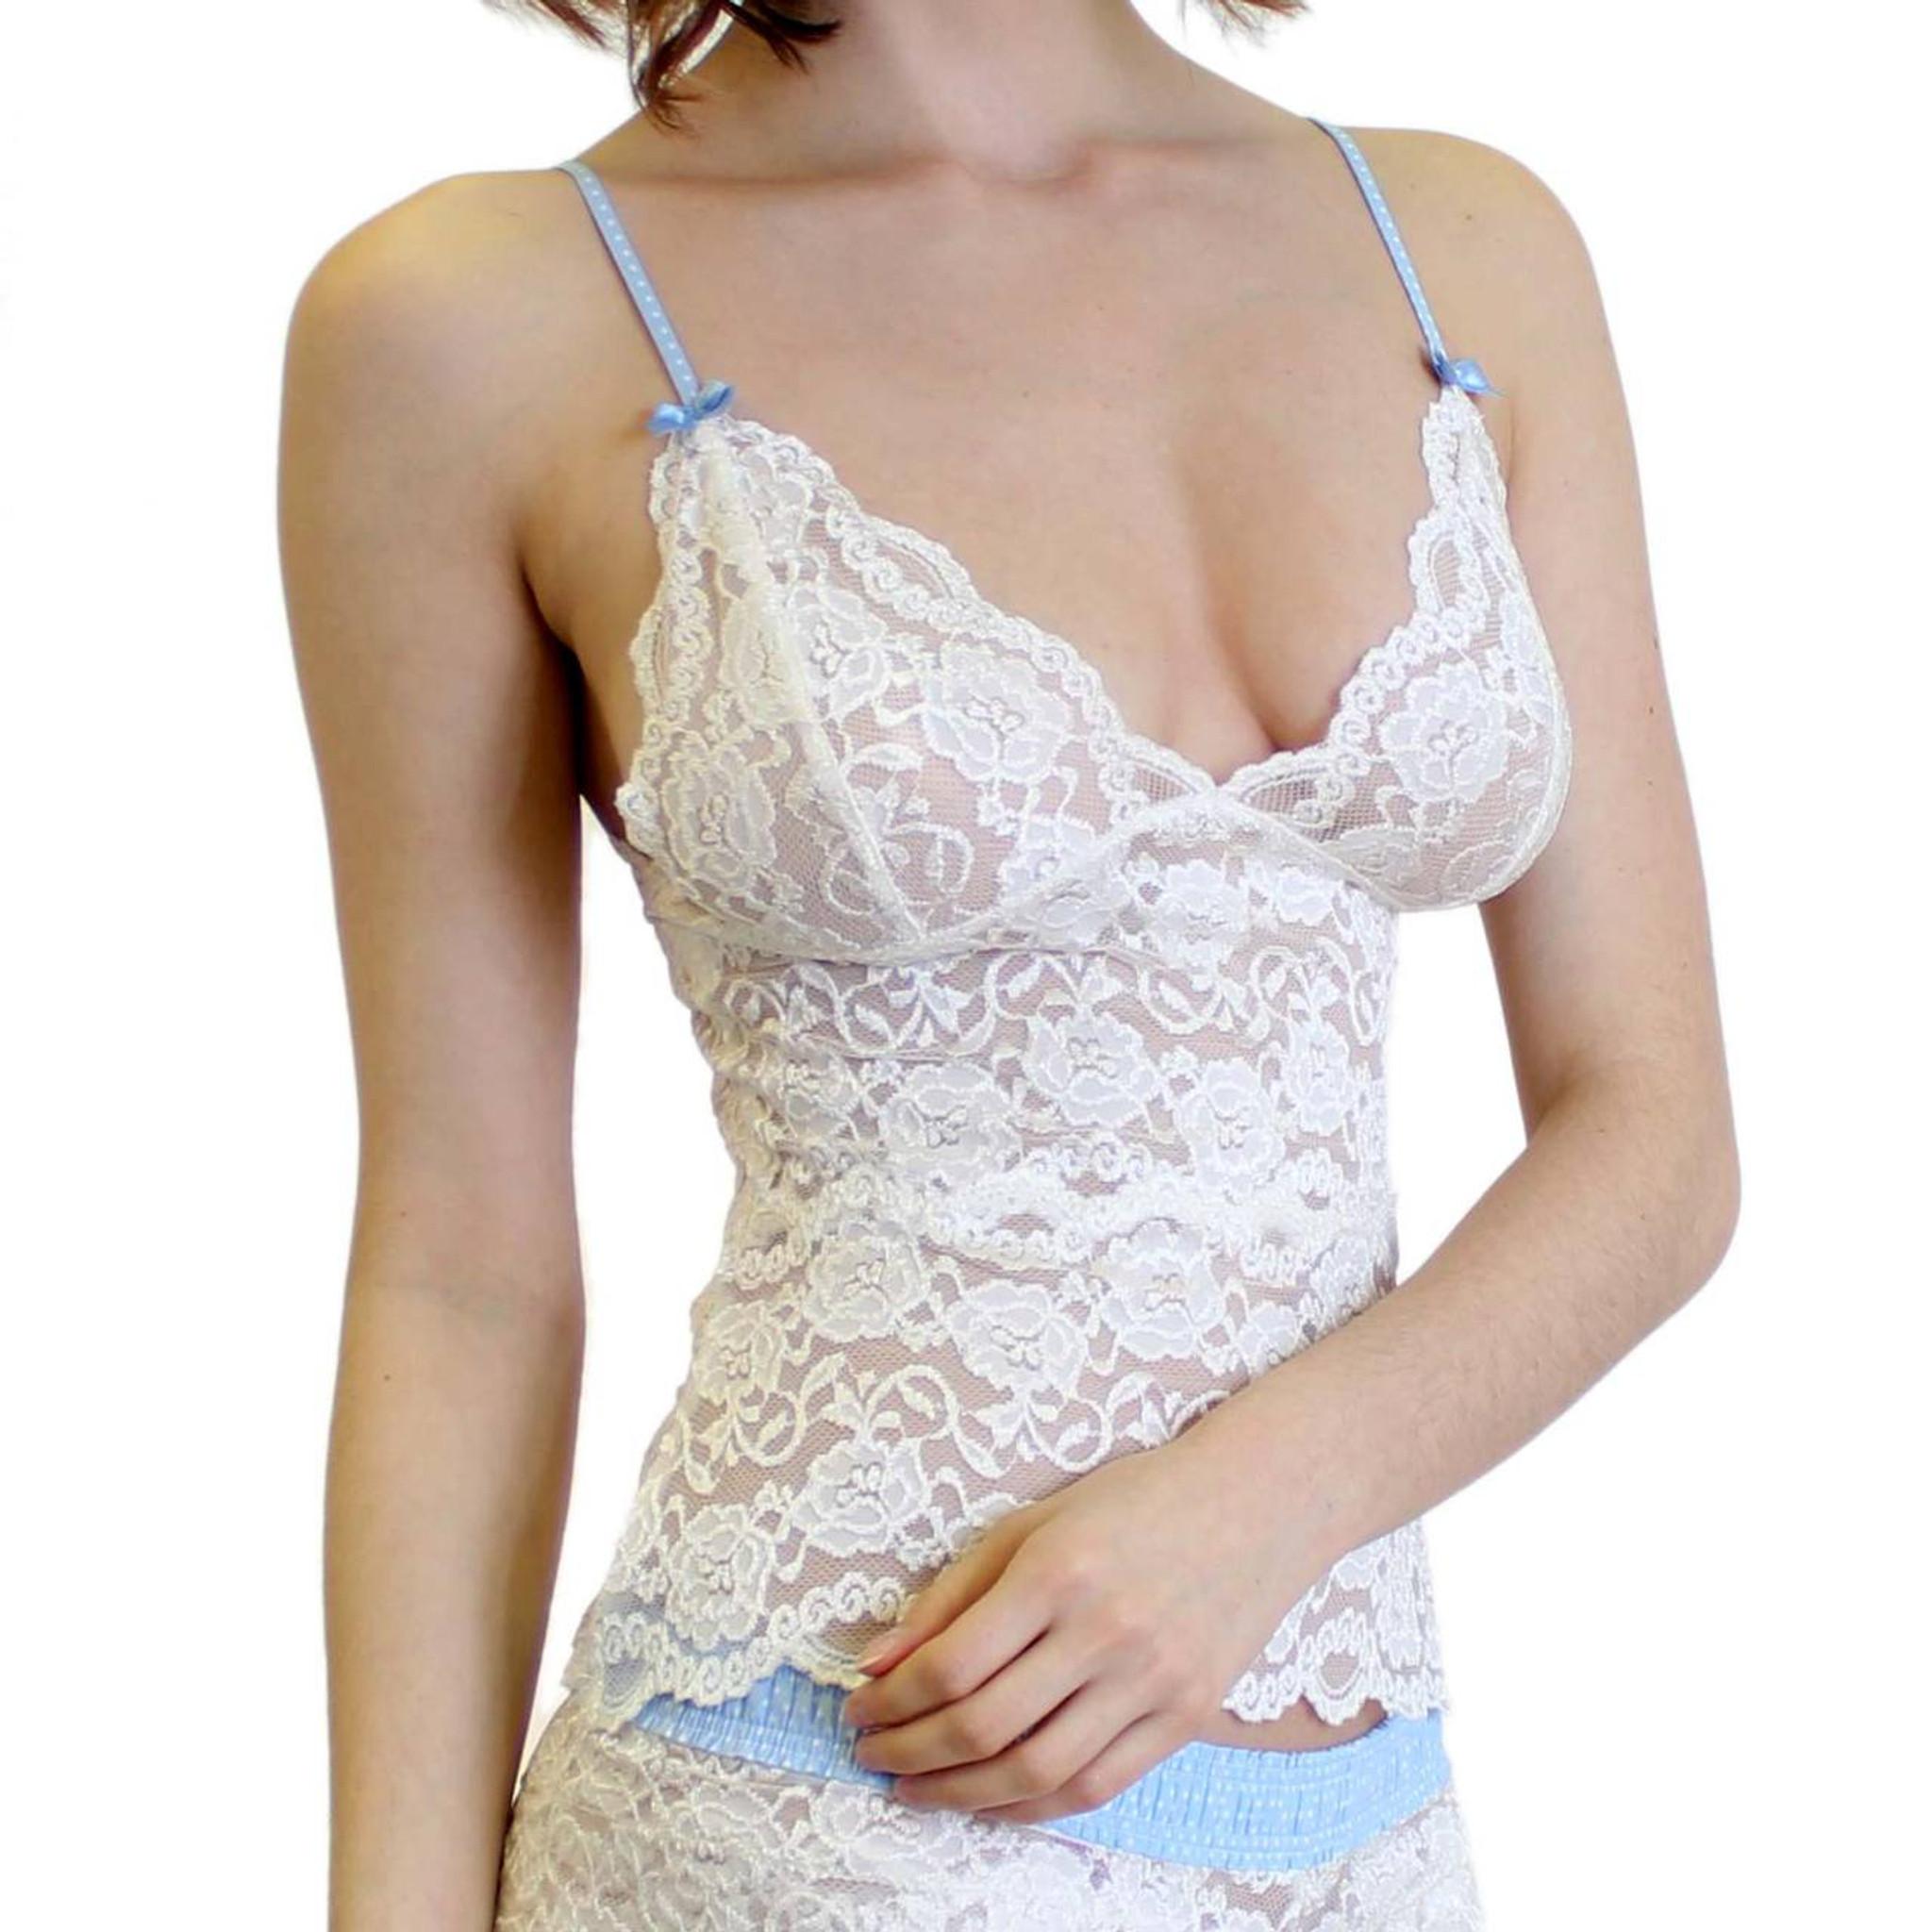 2202a72865e4f Light Blue Dot Adjustable Strap Swatch Ivory Lace Camisole Ivory Lace Soft Bra  Top ...